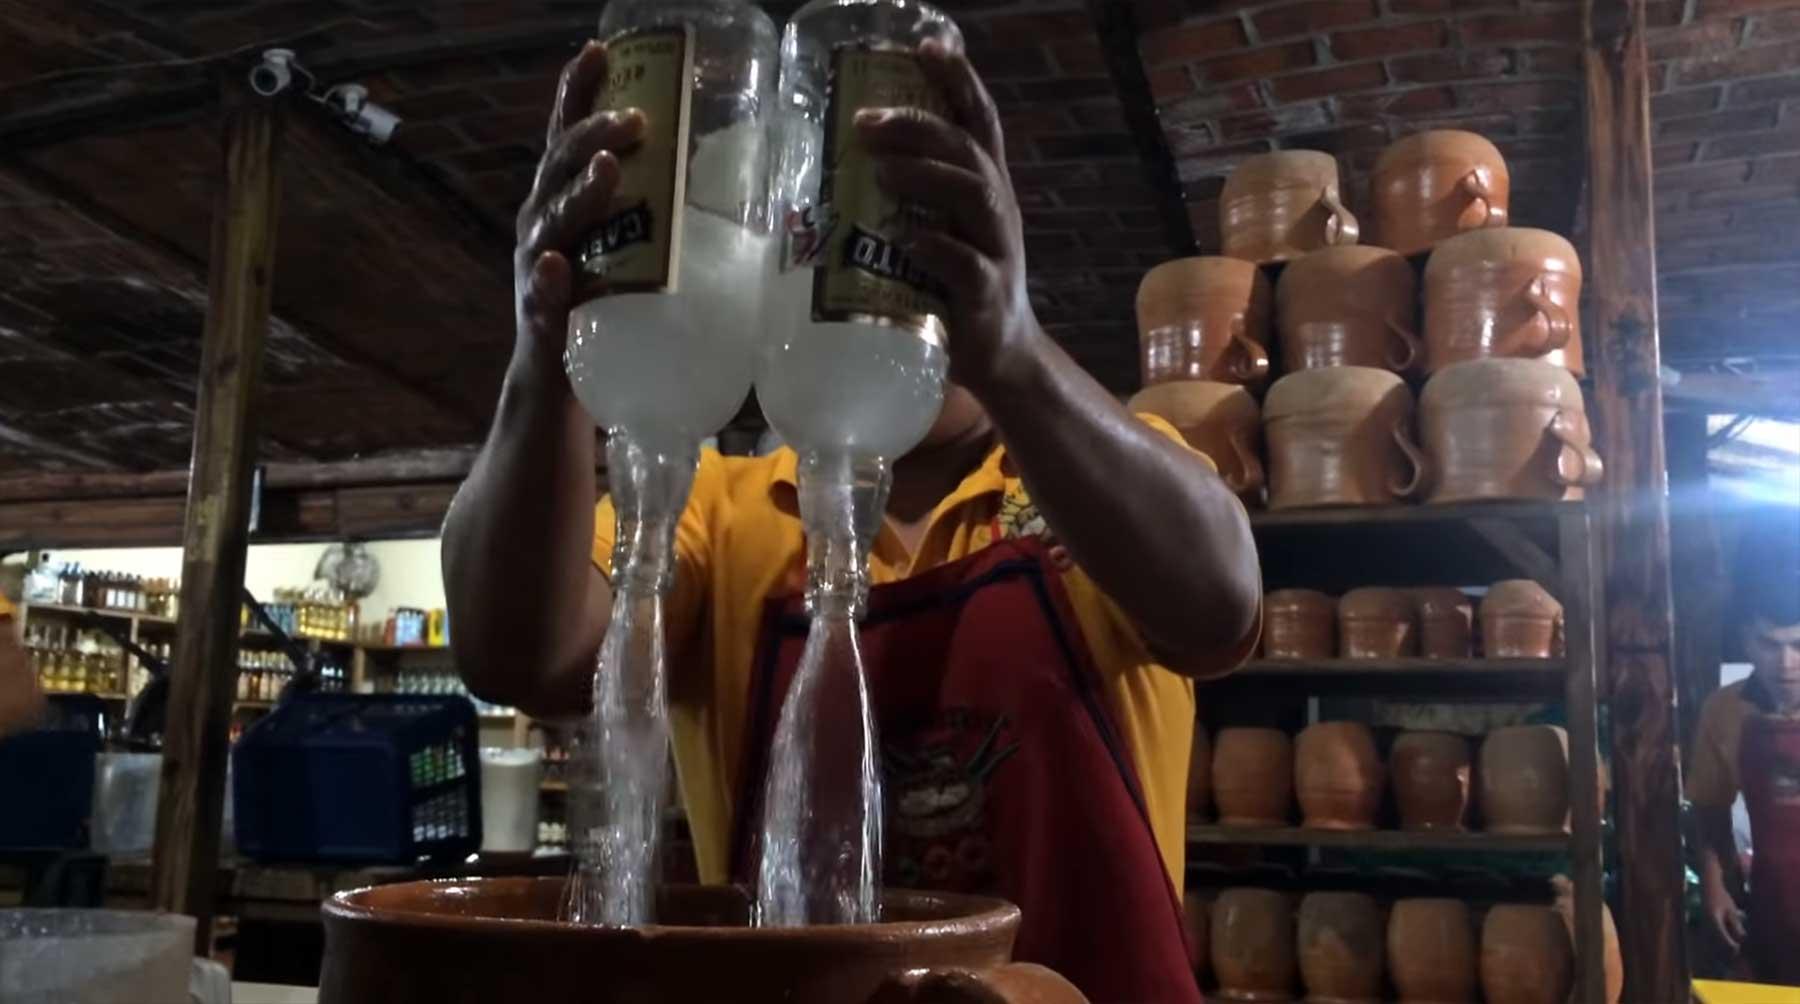 Der gigantische 100 Dollar-Tequila-Cocktail-Kübel 100-dollar-tequila-cocktail